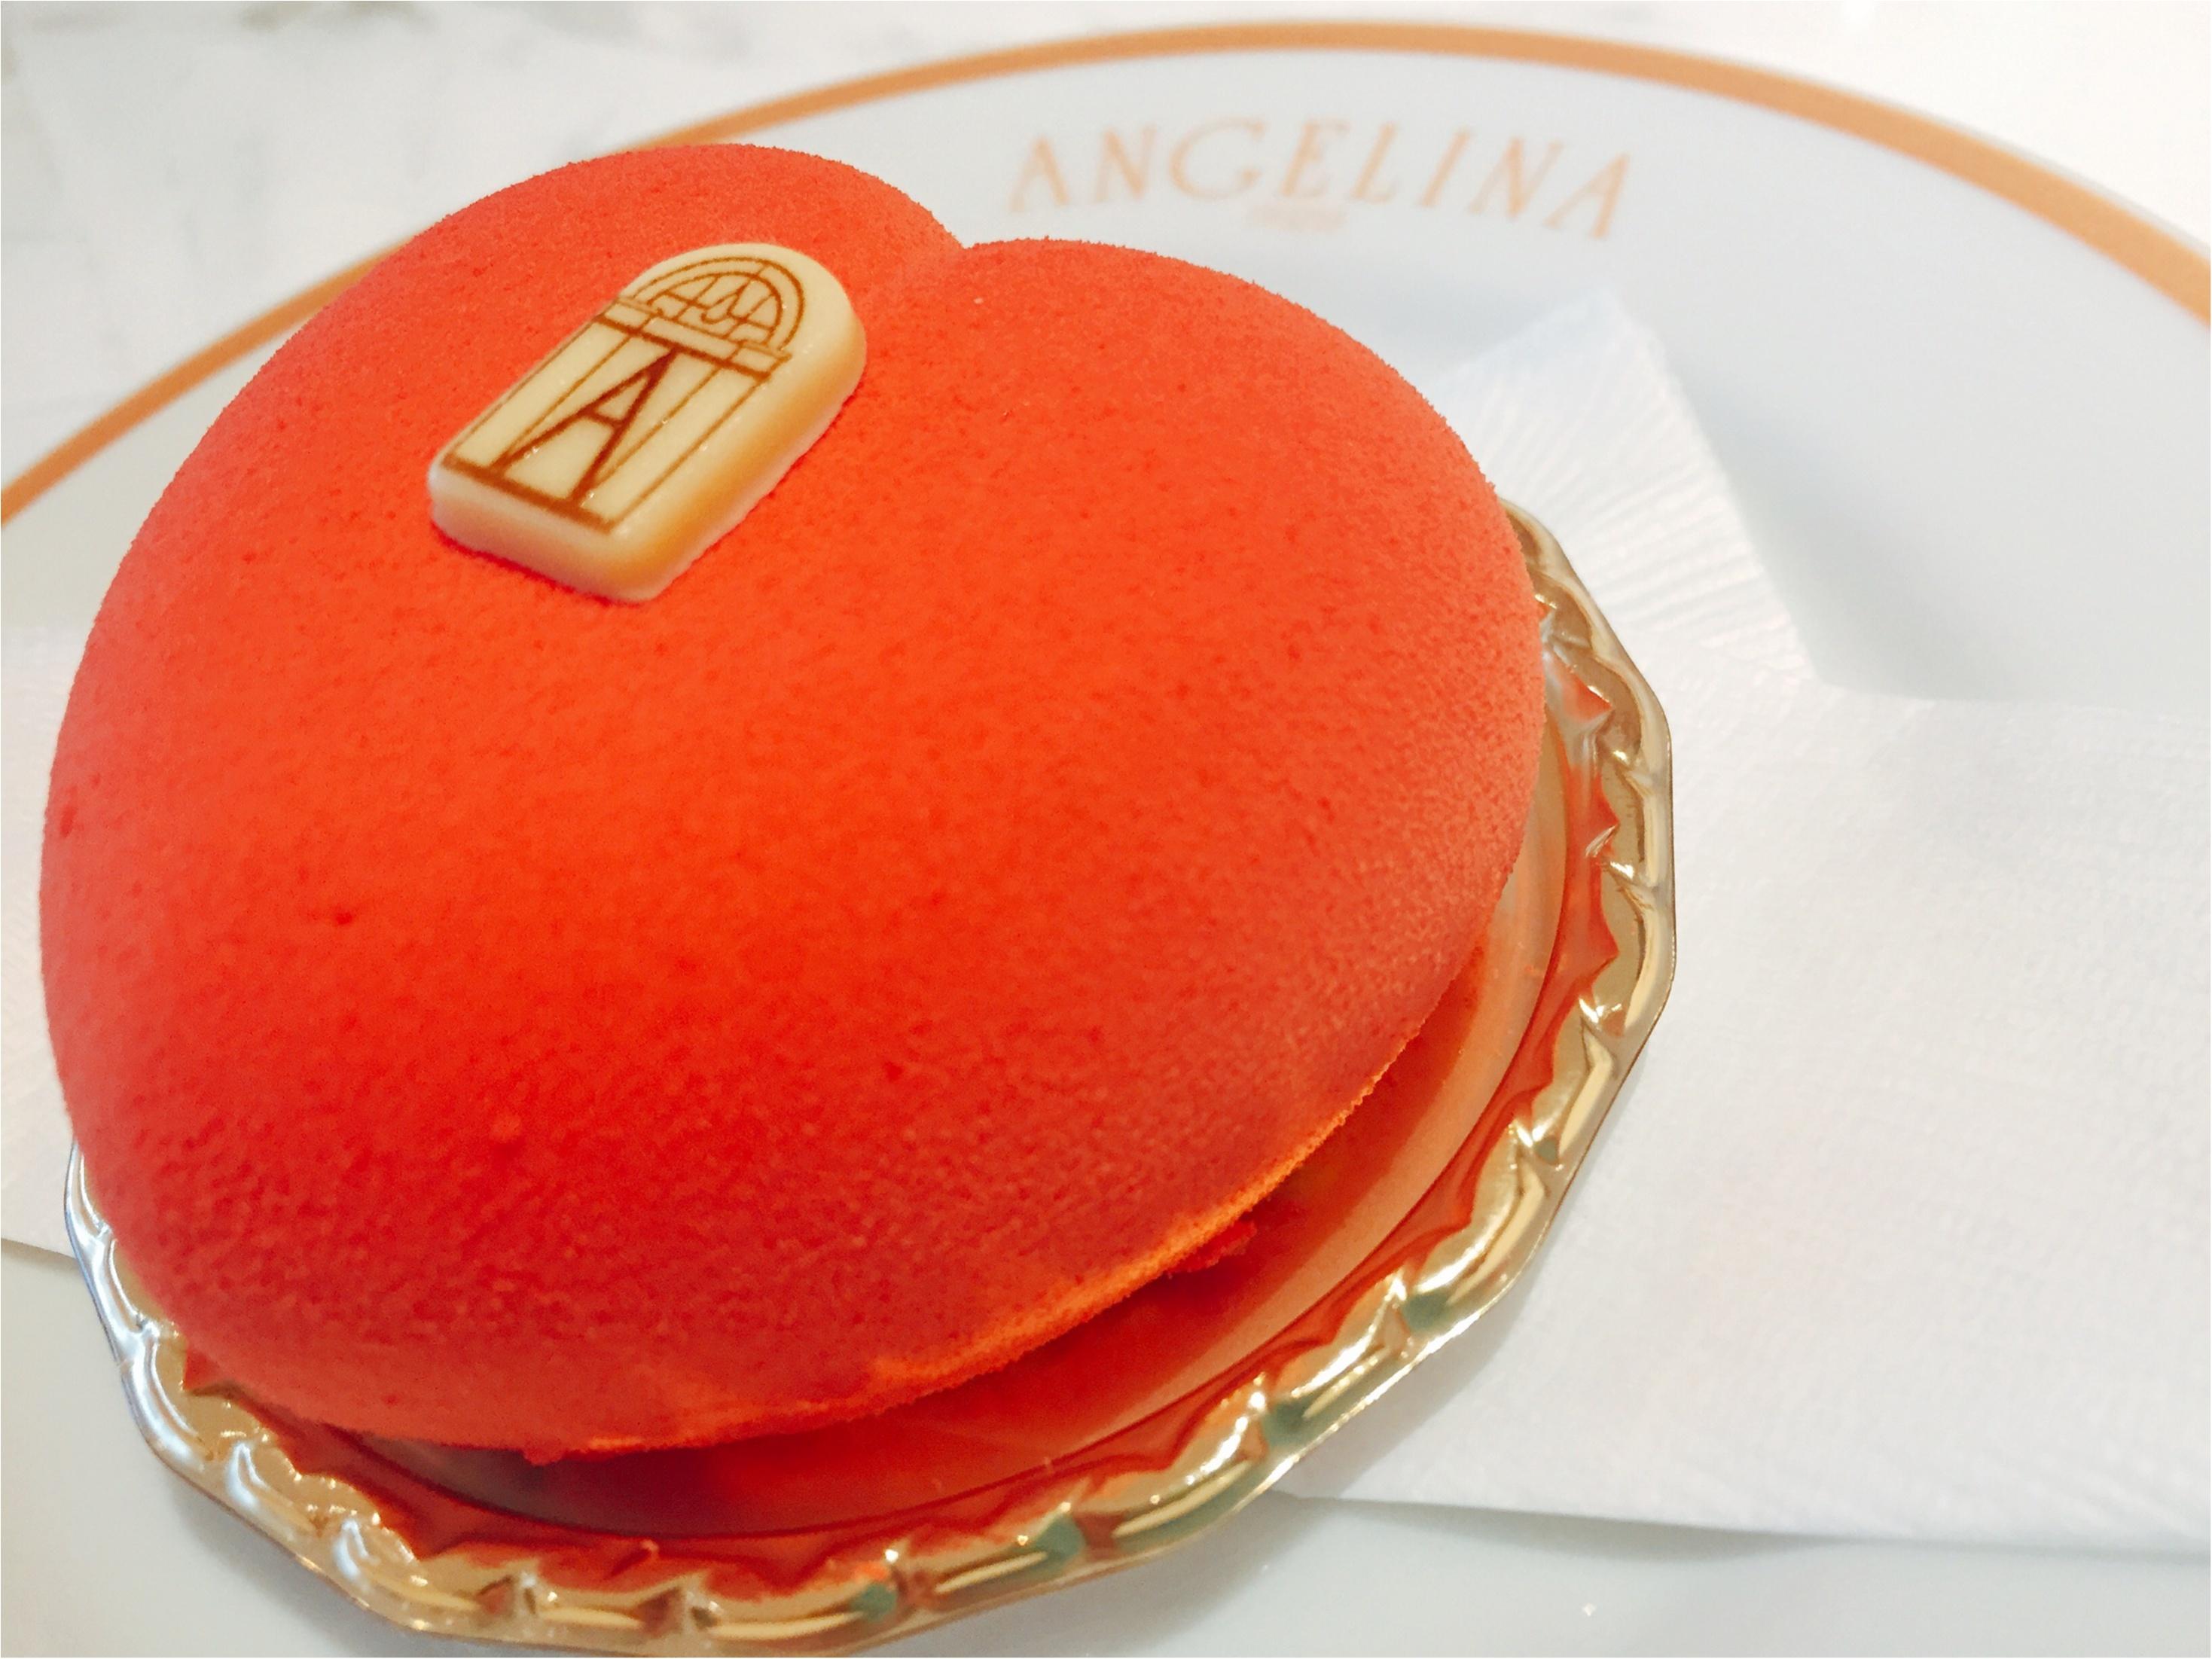 【バレンタイン限定】1903年創業のパリ老舗サロン「ANGELINA」のハート♡ケーキが可愛すぎて食べるのがもったいない!!_6_3